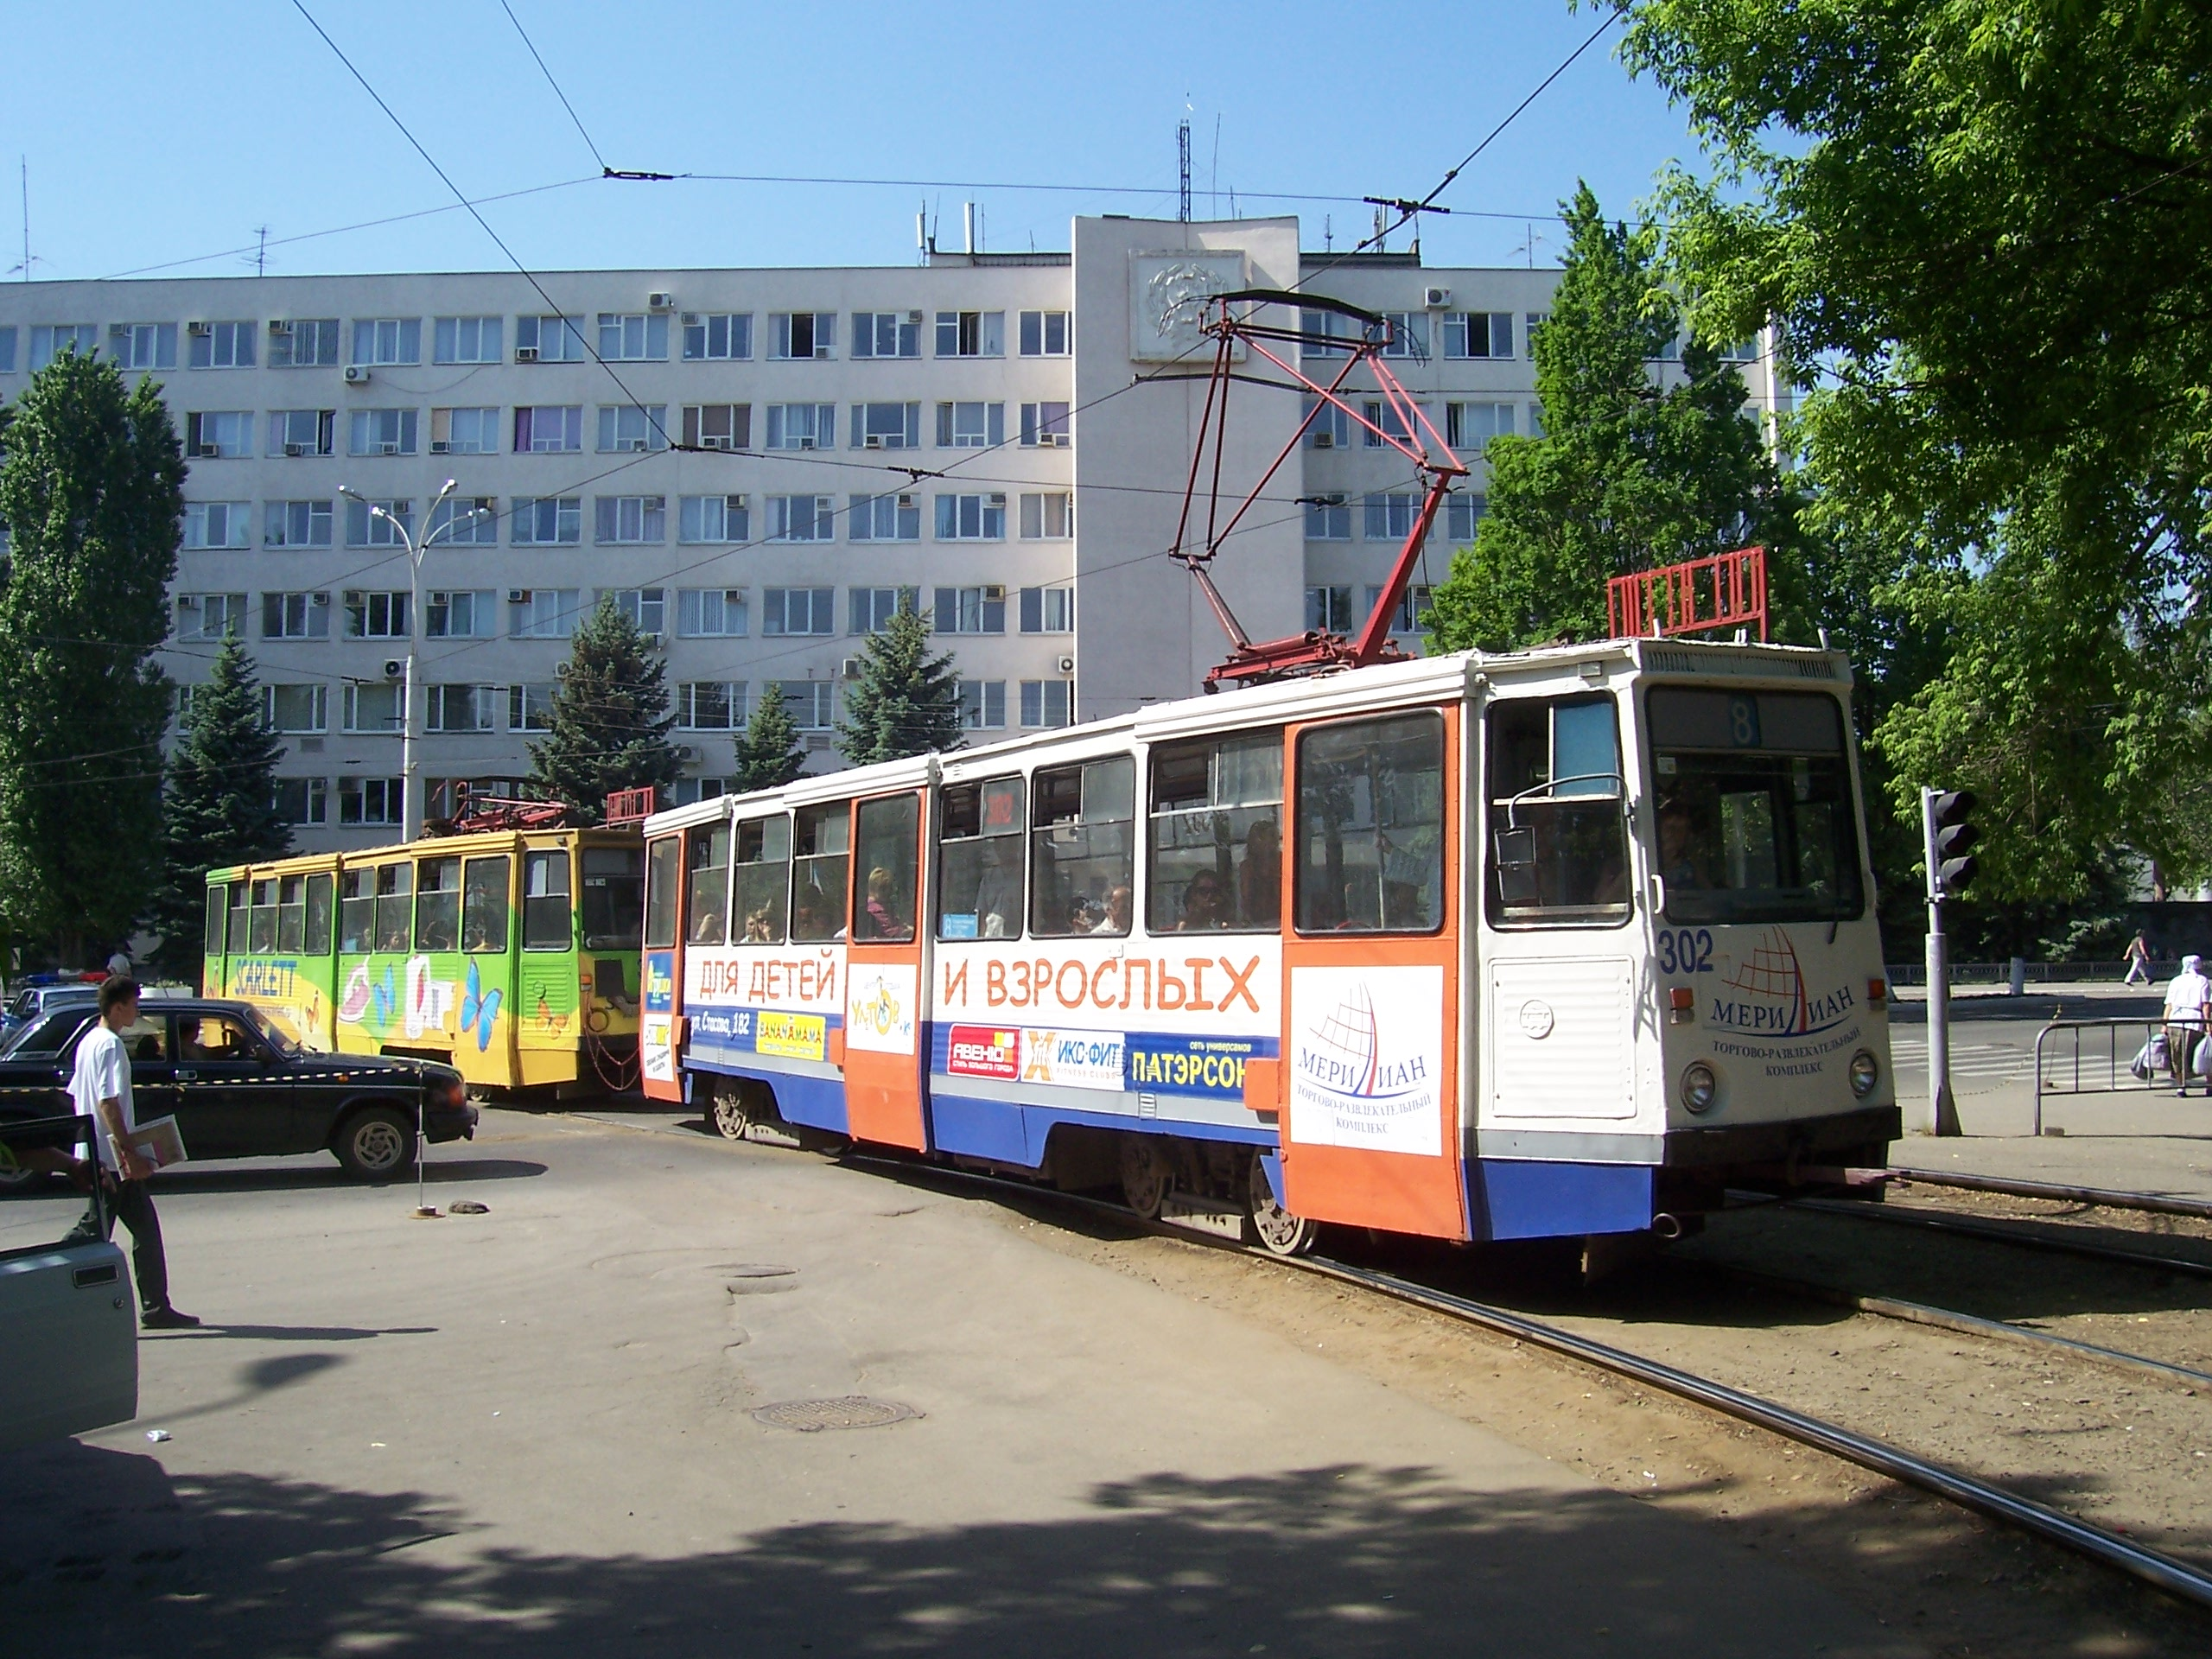 Putans aus der Stadt Krasnodar